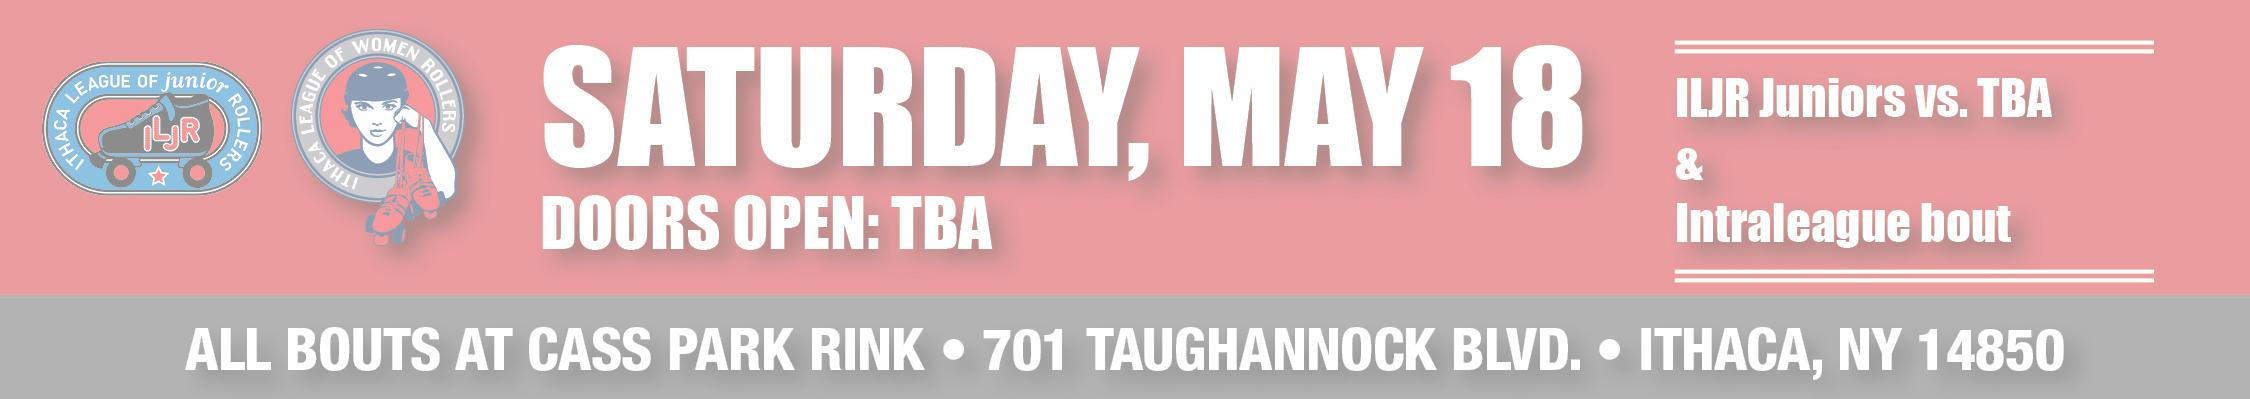 Saturday, May 18